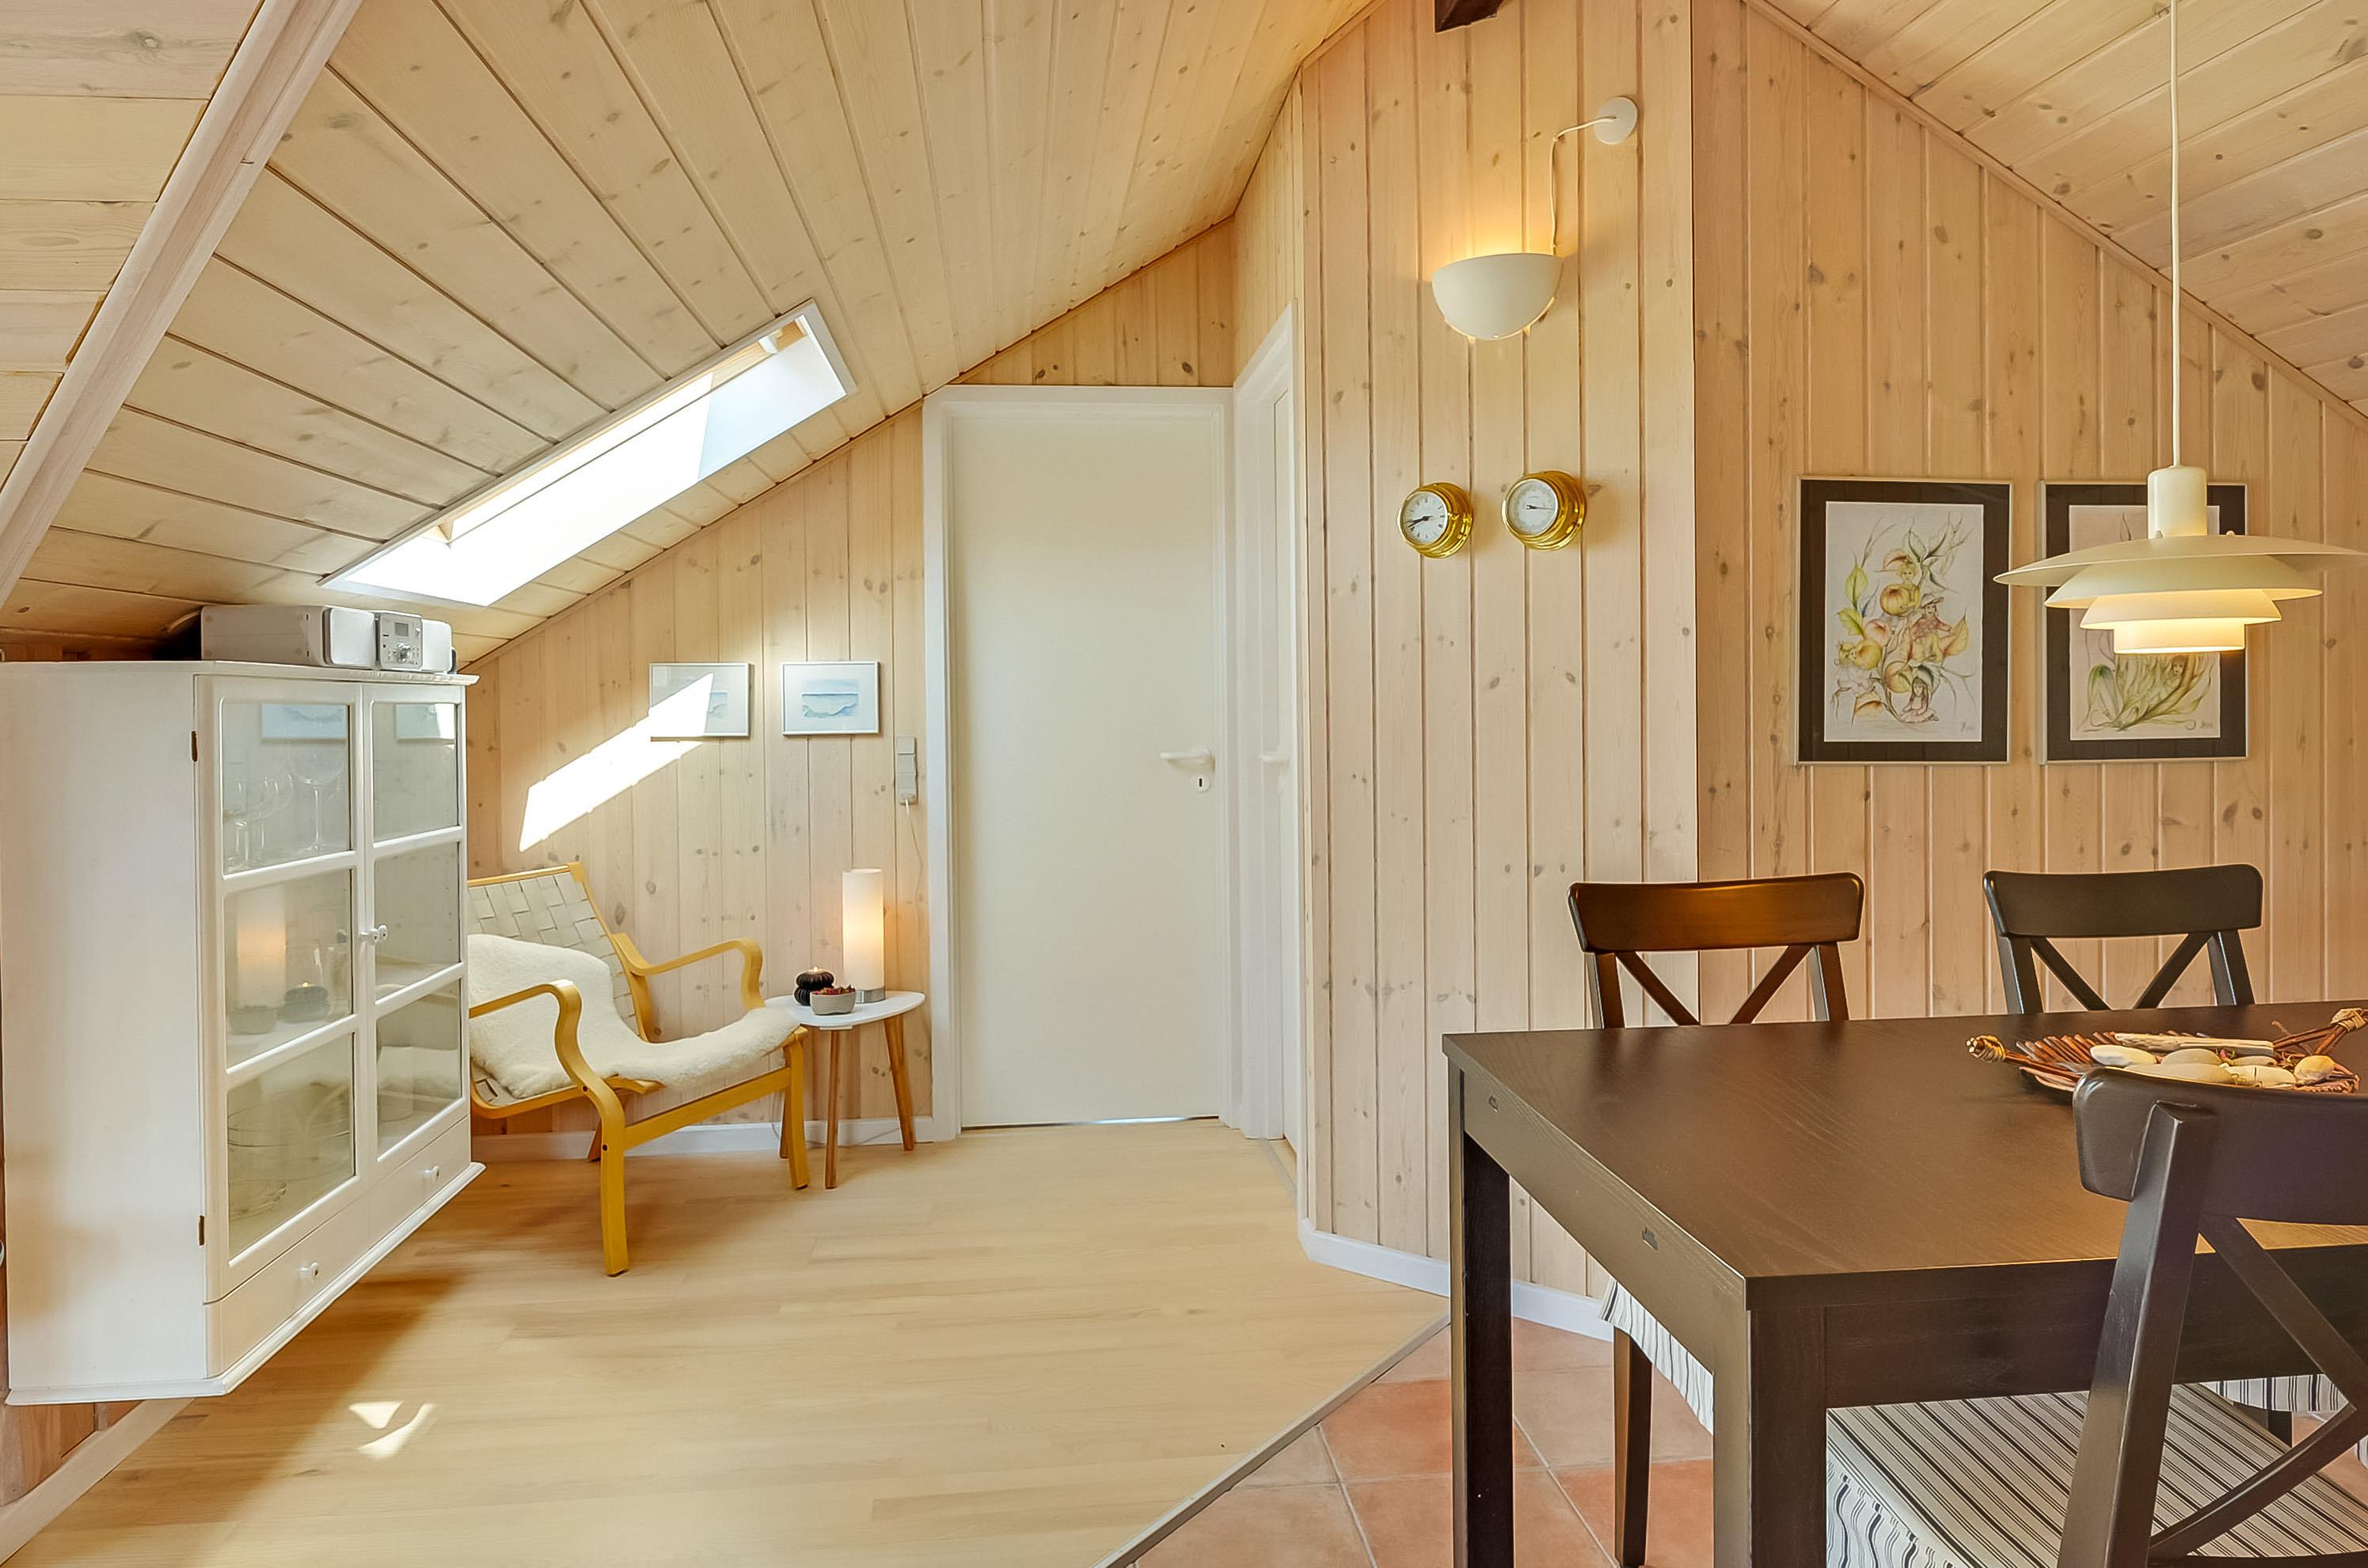 Børnevenligt feriehus på stor lukket naturgrund - Esmark ...